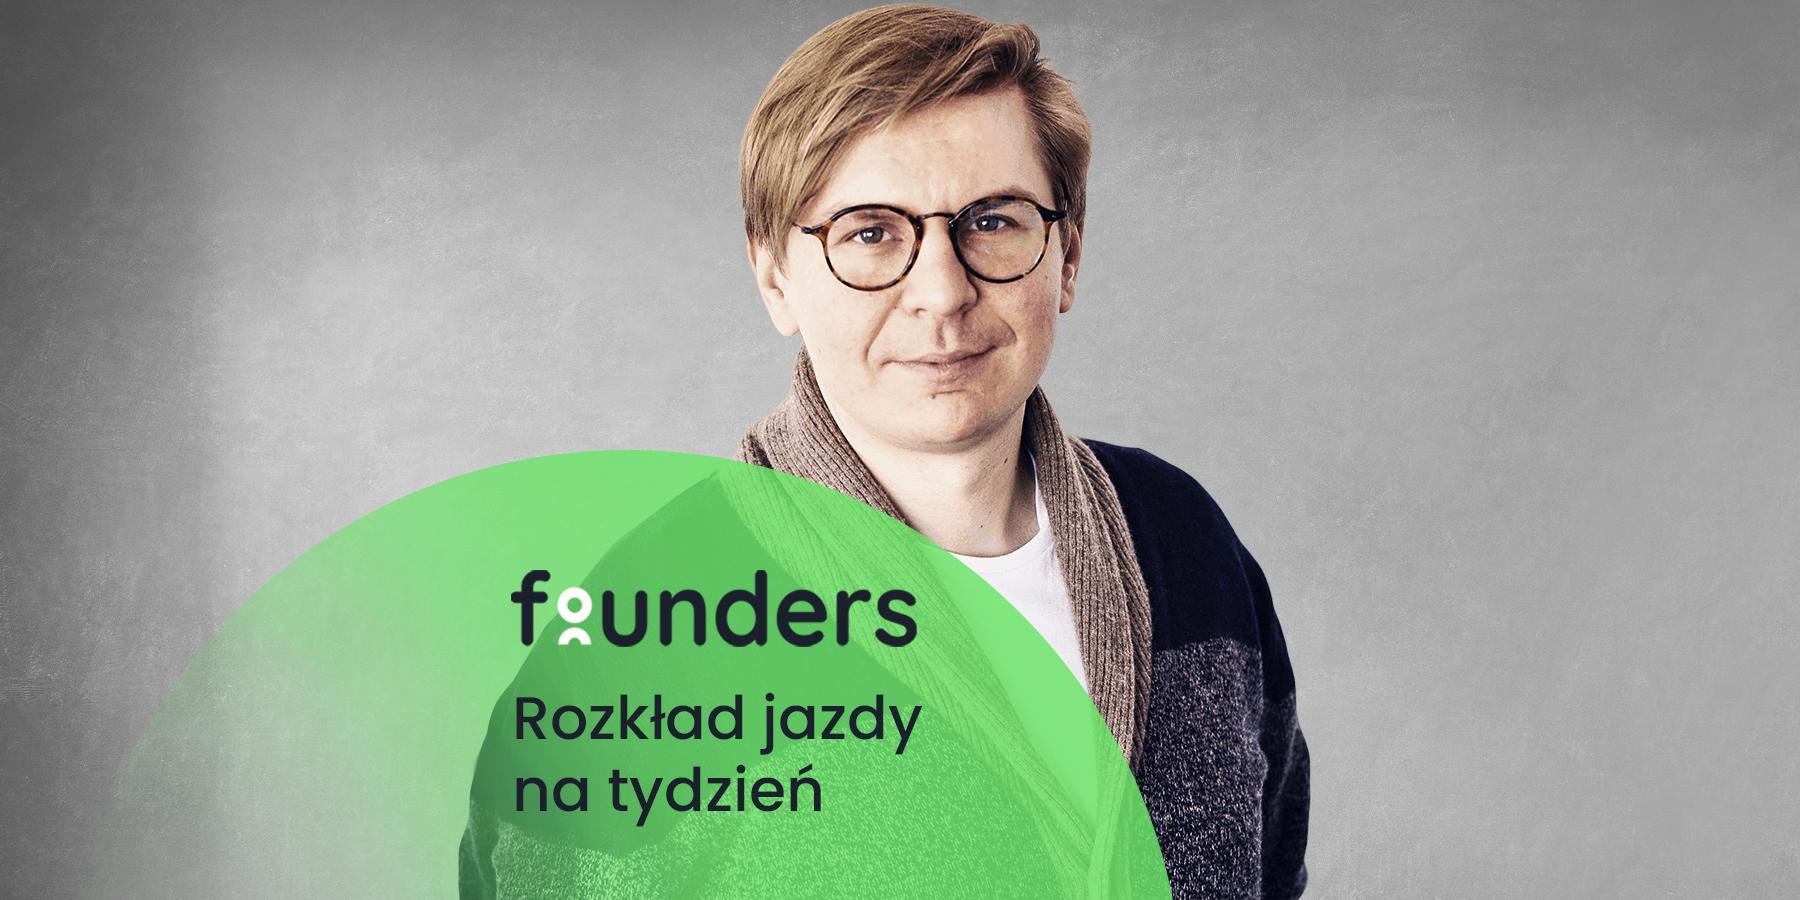 Spotkanie zpsychoterapeutą iostatnia sesja zPiotrem Litwą. Zobacz co nowego naFounders.pl